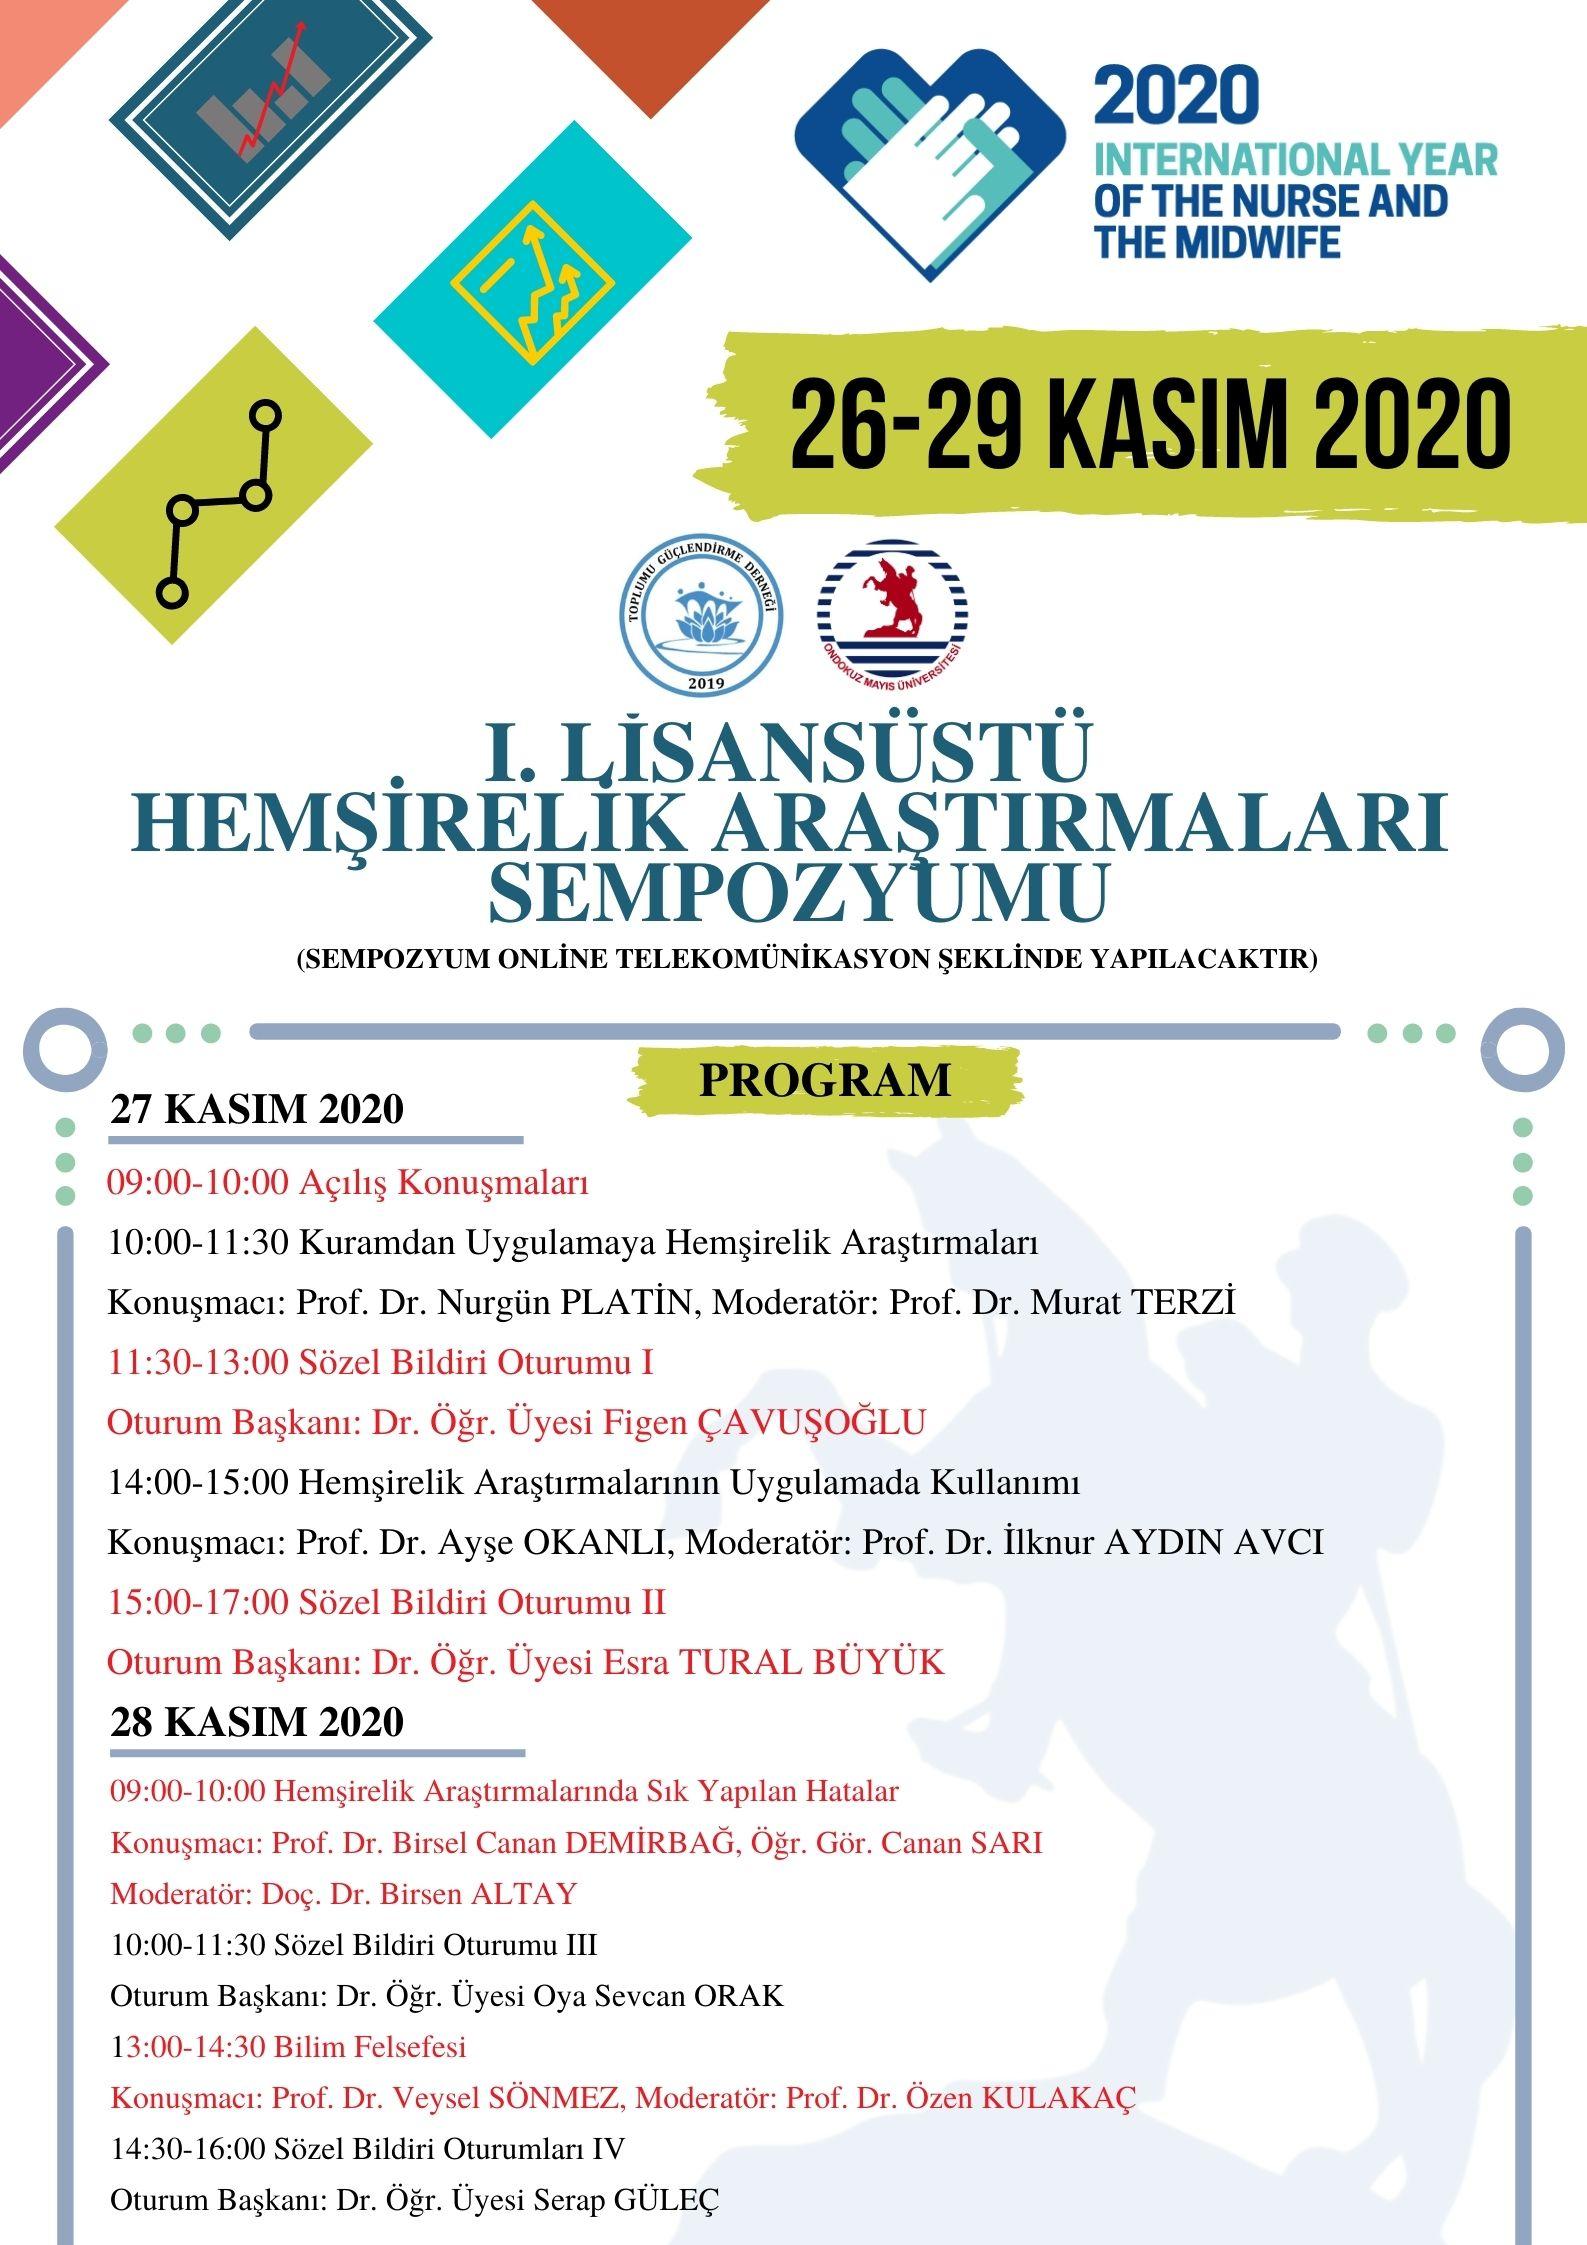 http://www.omu.edu.tr/sites/default/files/lisansustu_hemsirelik_arastirmalari_sempozyumu_1.jpg